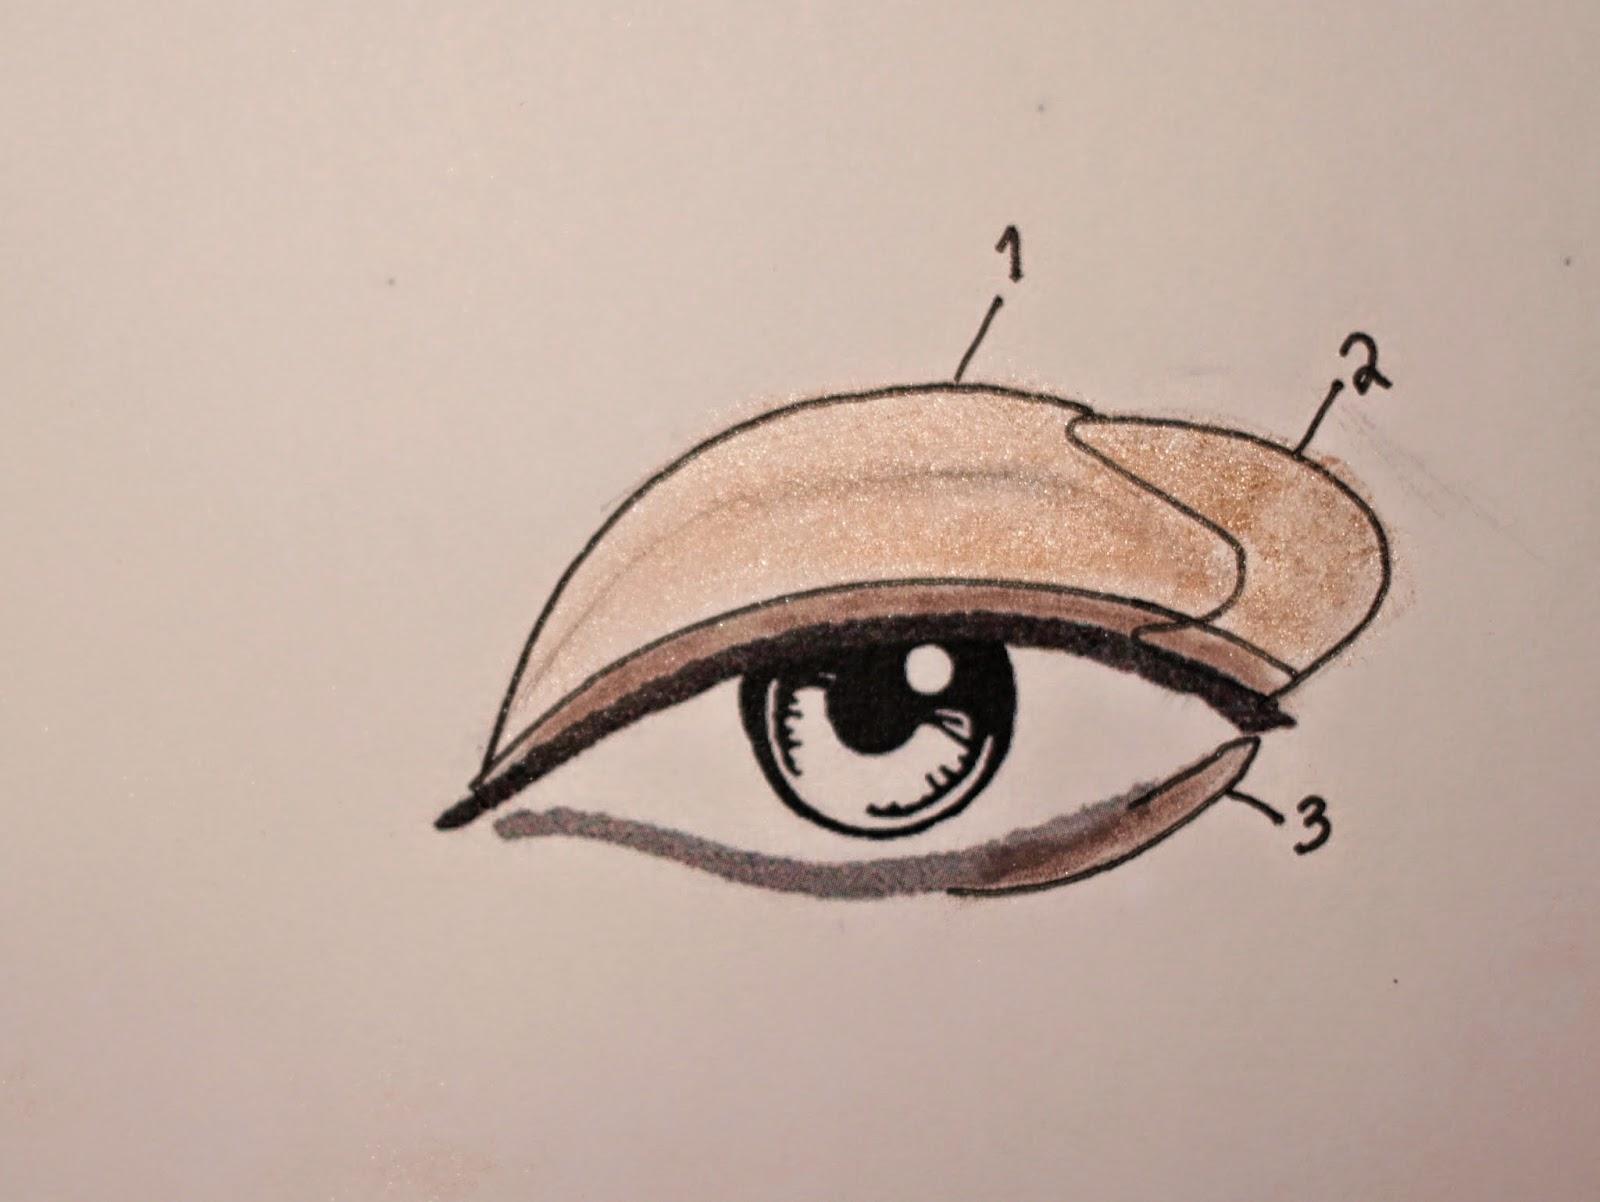 easy makeup tutorial for beginners, tutoriel maquillage facile pour les débutants, easy makuep tutorial, makuep beginner,